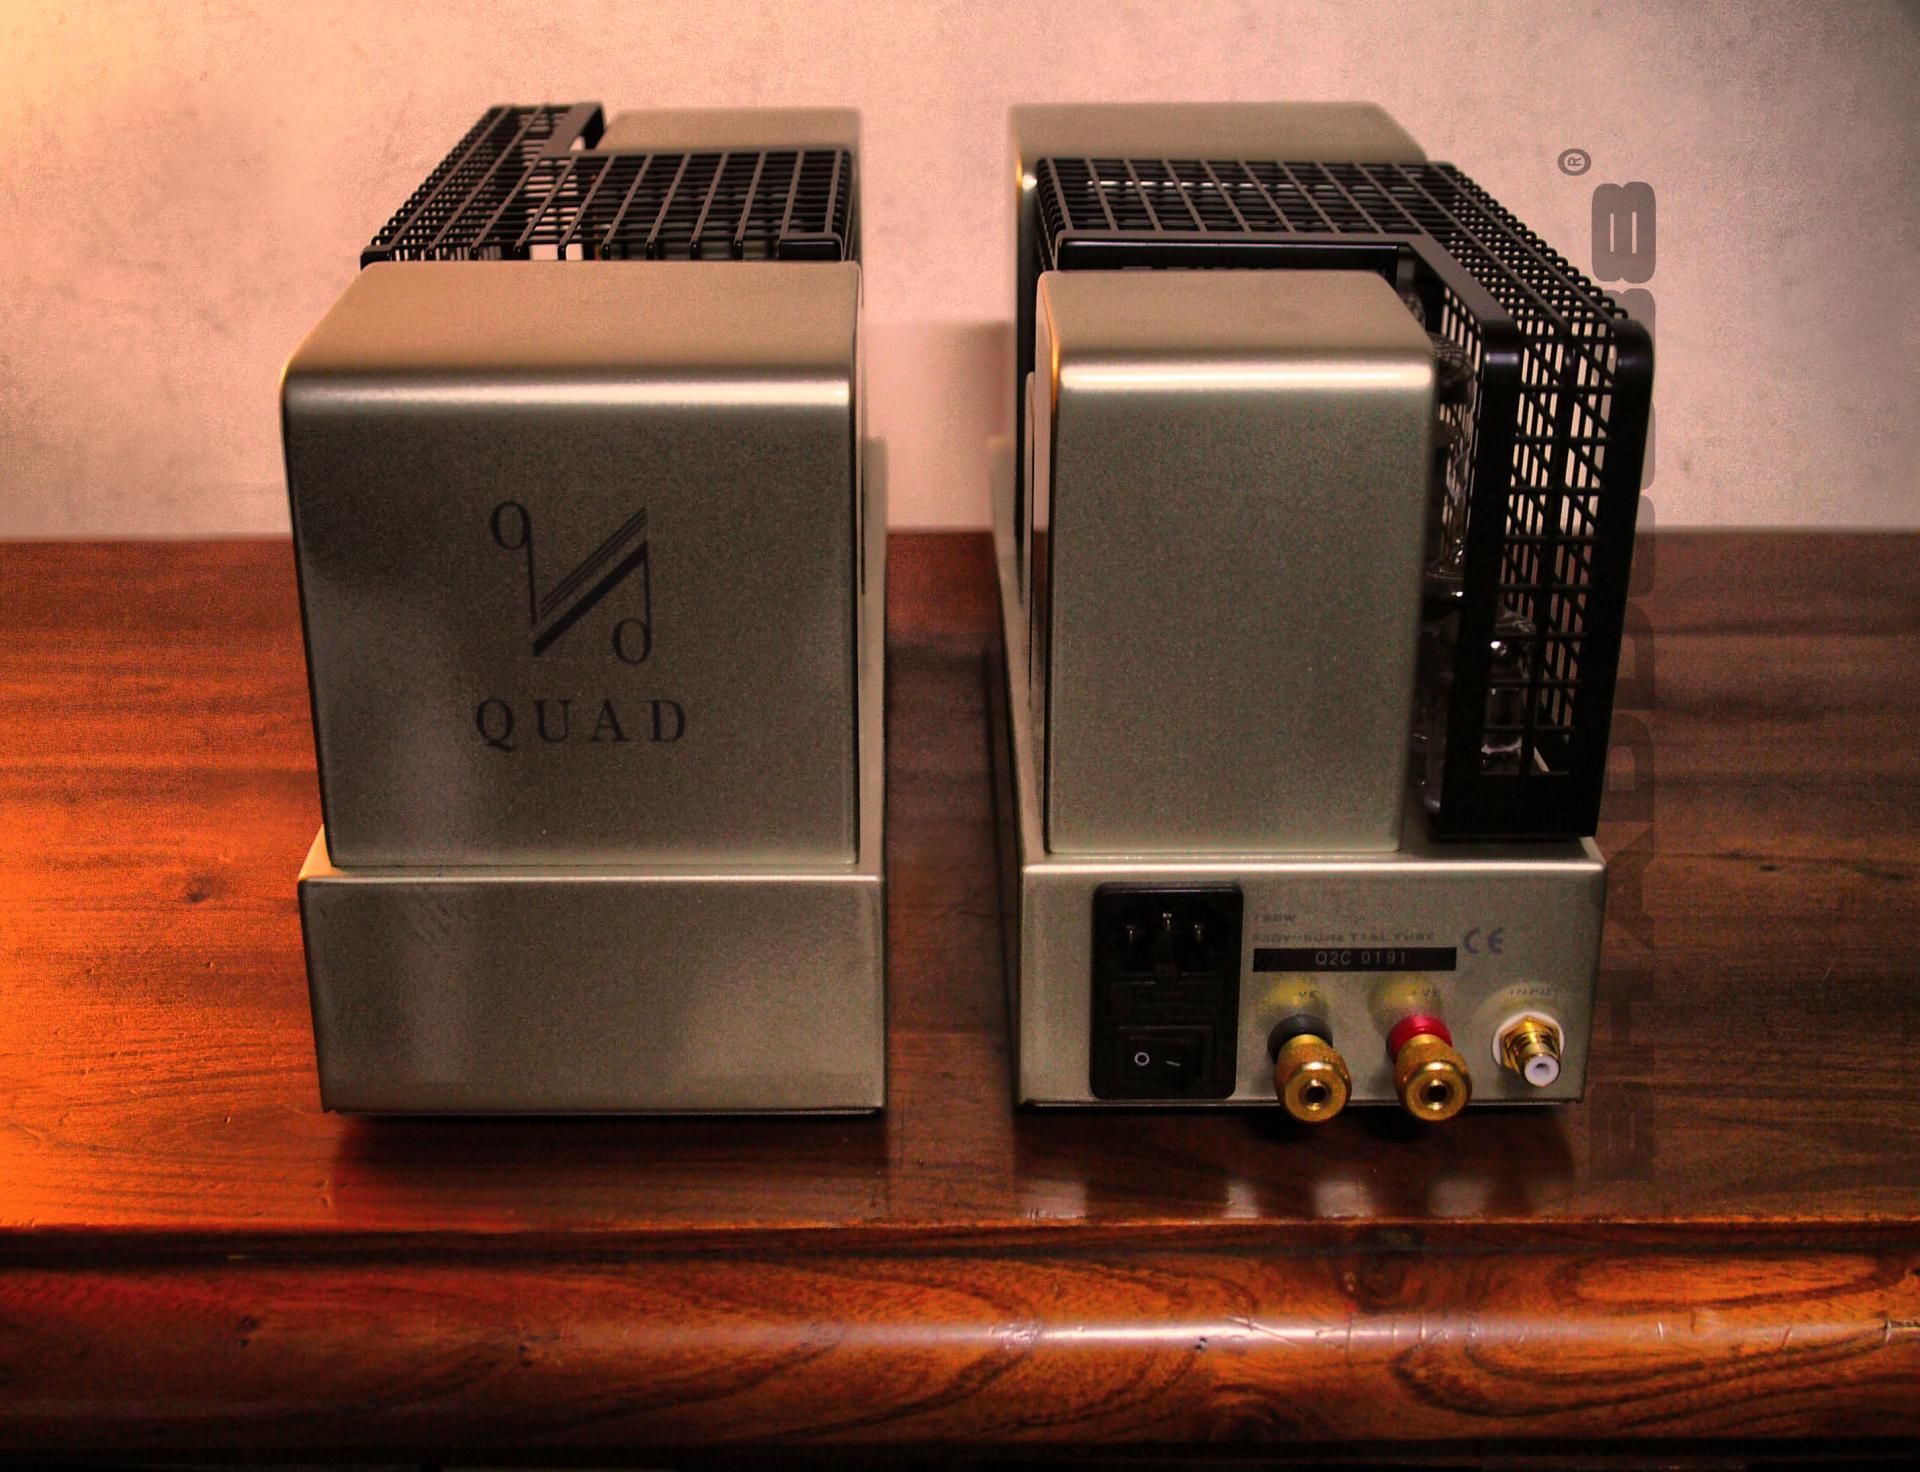 Quad ii classic